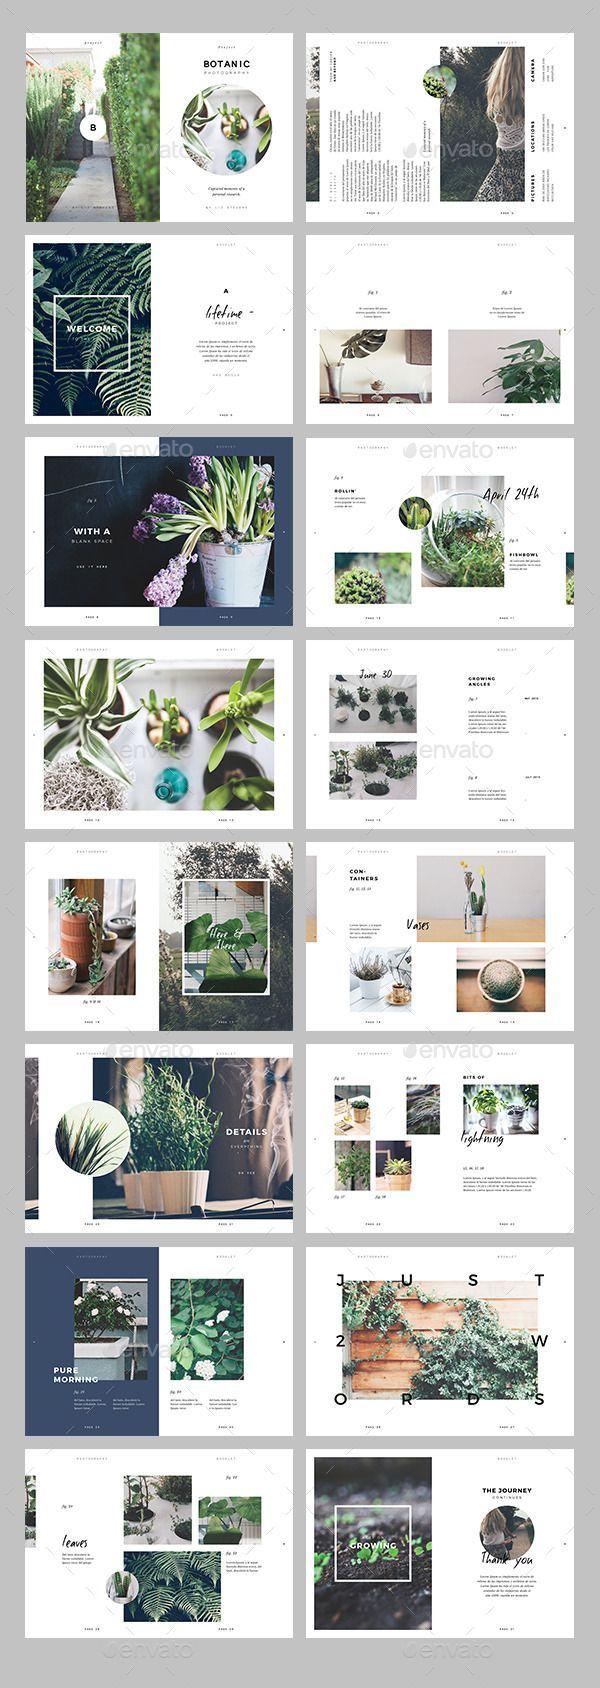 웹 디자인 참고